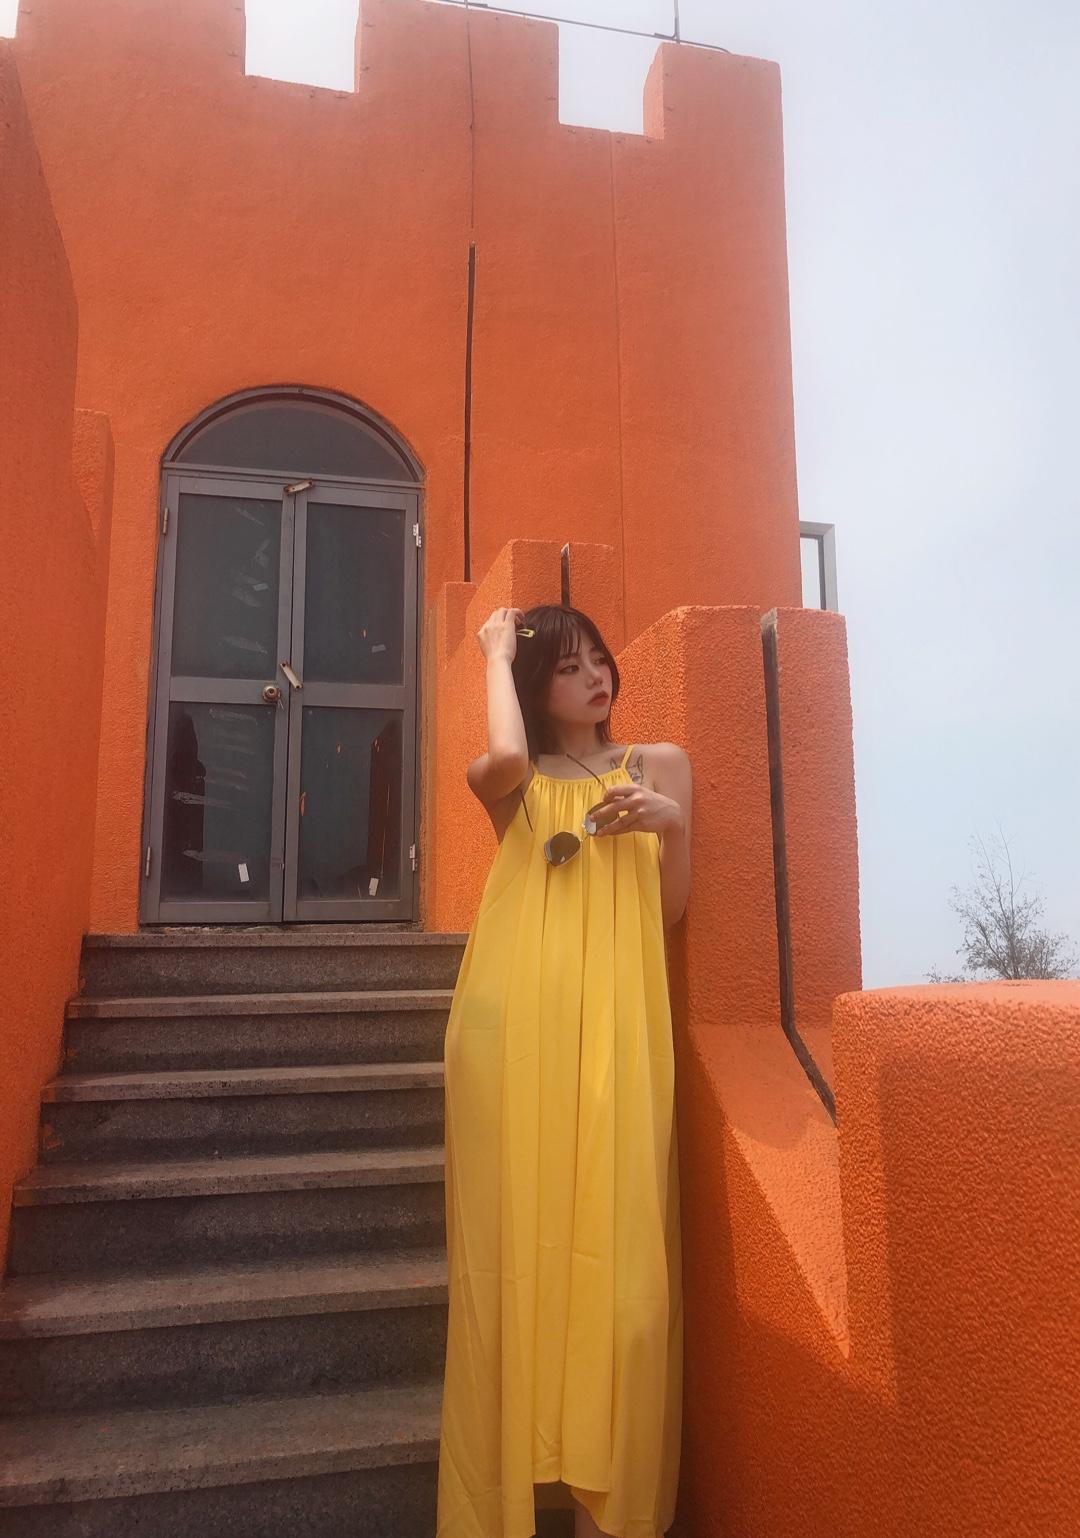 #小长假晒照,靠它赢遍朋友圈# 皮诺曹穿搭 身高163 体重92 度假必备长裙 色彩感也是满分 炒鸡显白显气色的一个黄色 搭配时尚的单品 就可以拍美美的照片发朋友圈啦